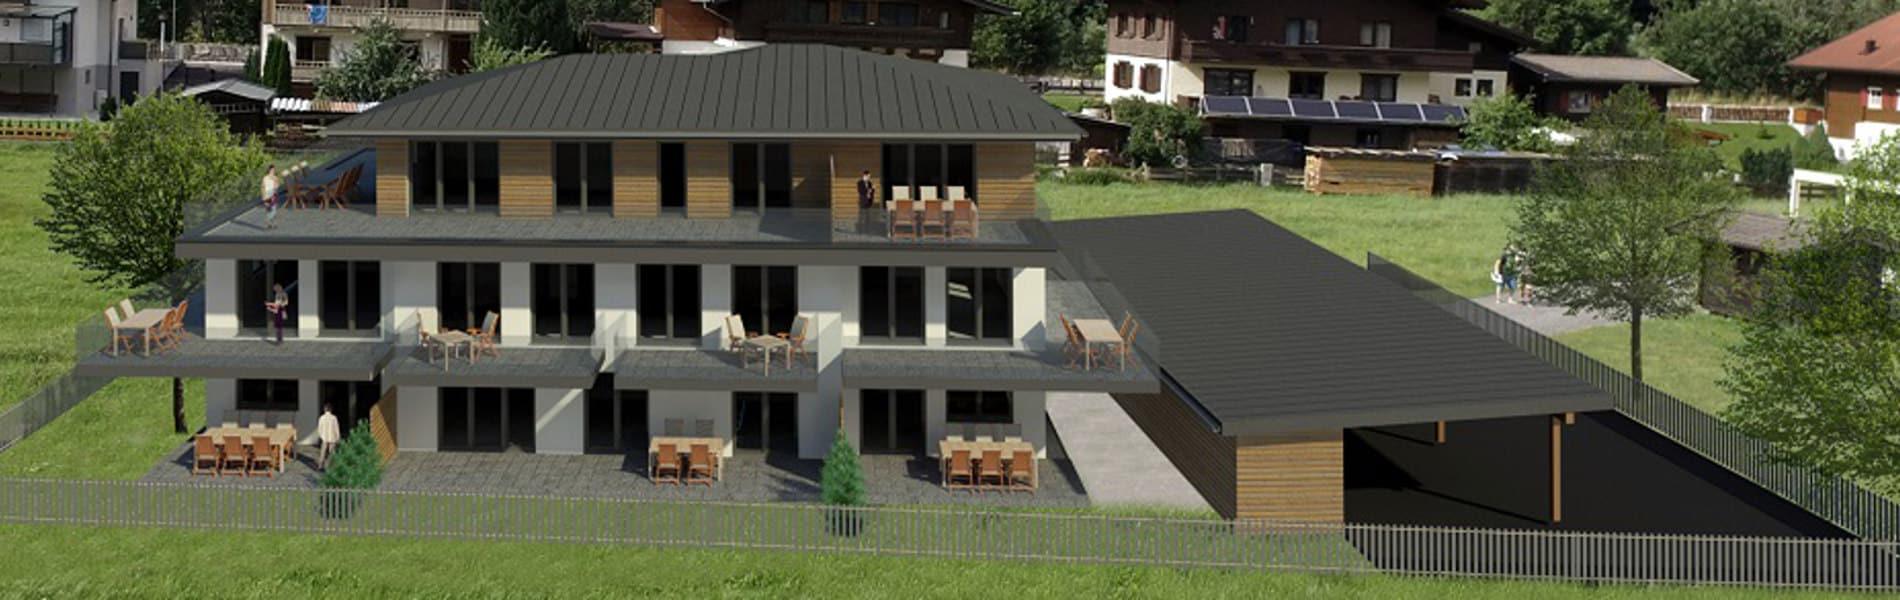 Wau Wohnbau Grüne-Lounge Mittersill